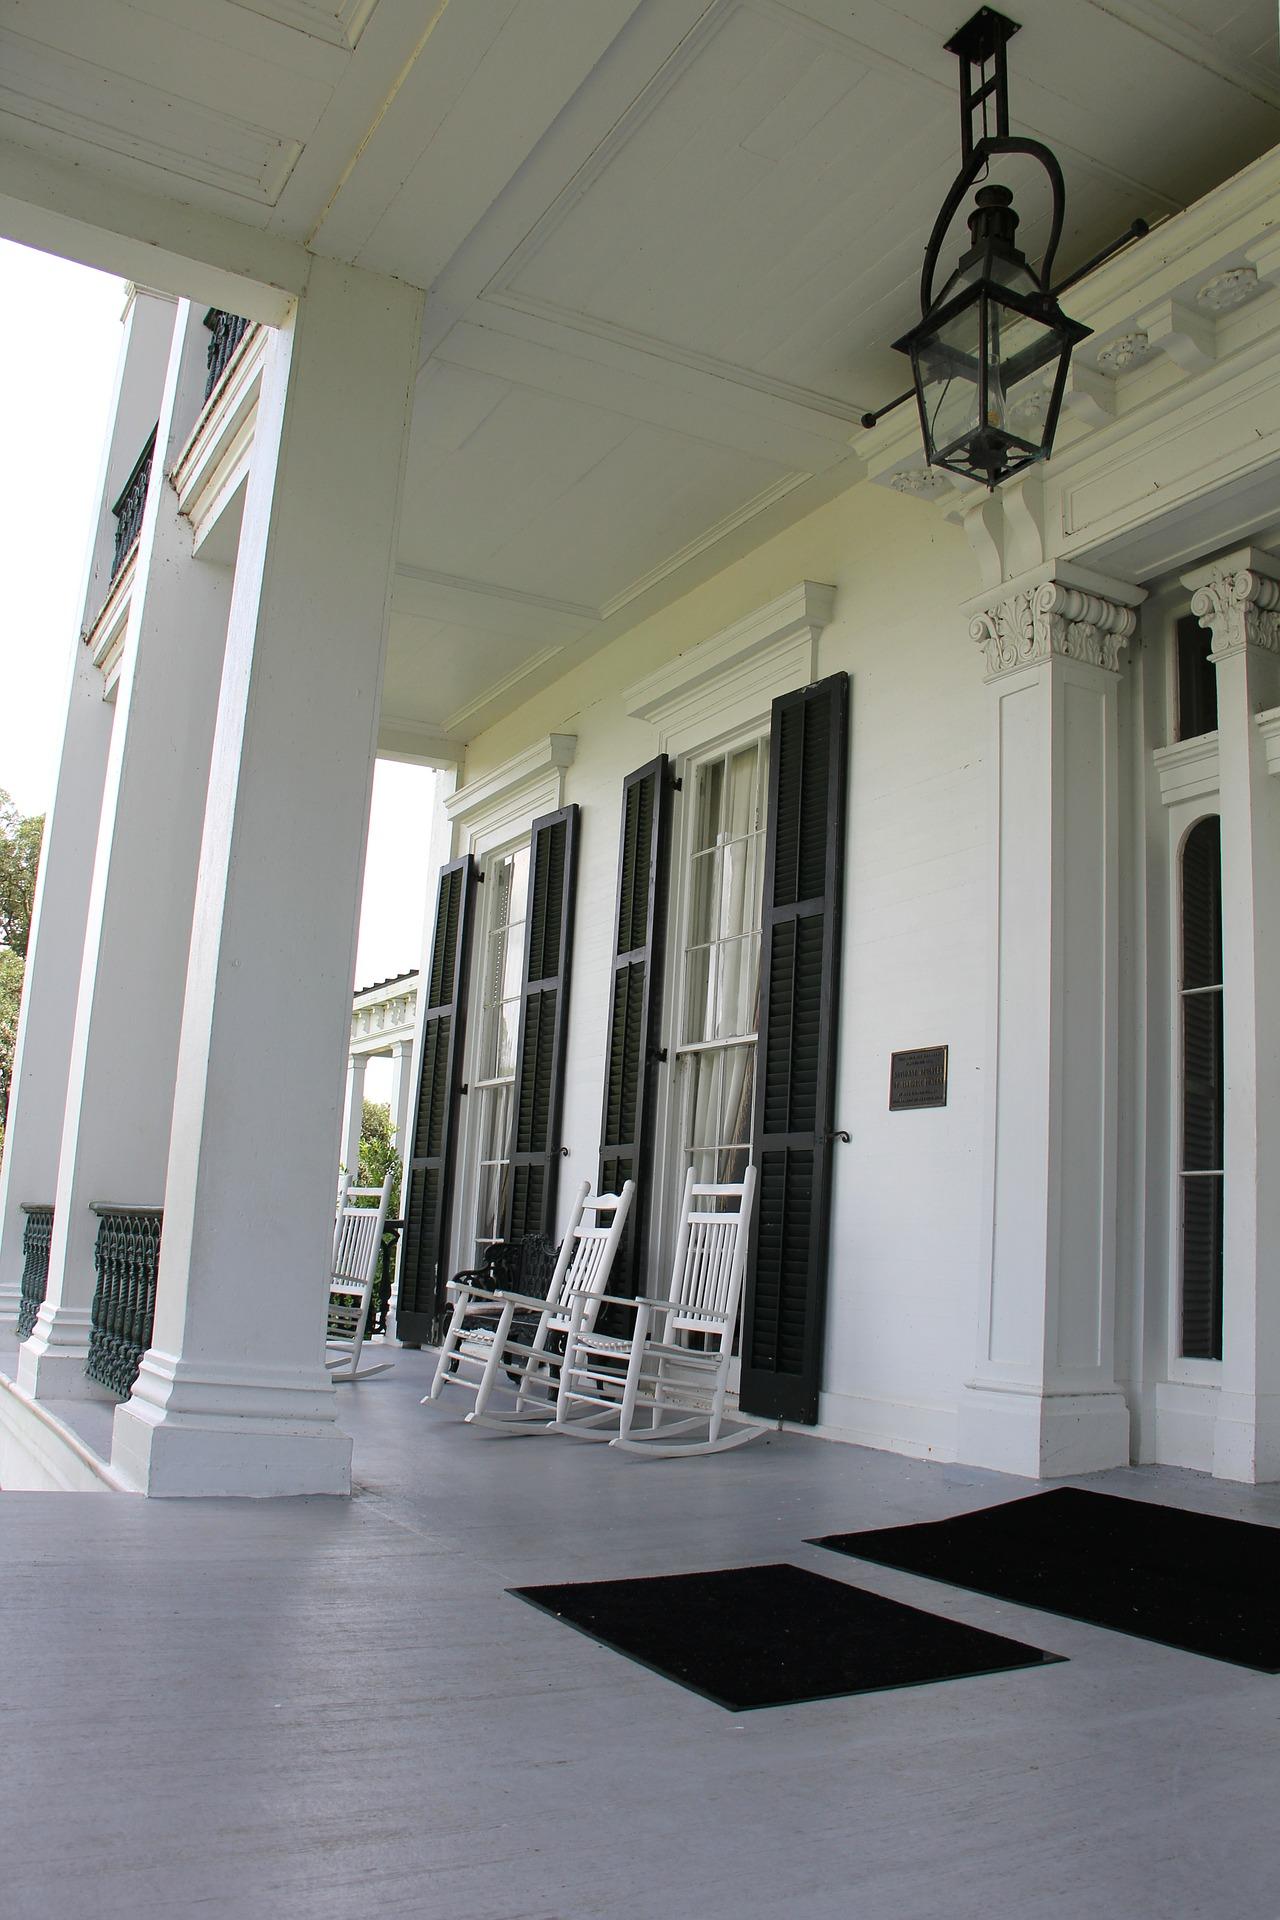 porch-186329_1920